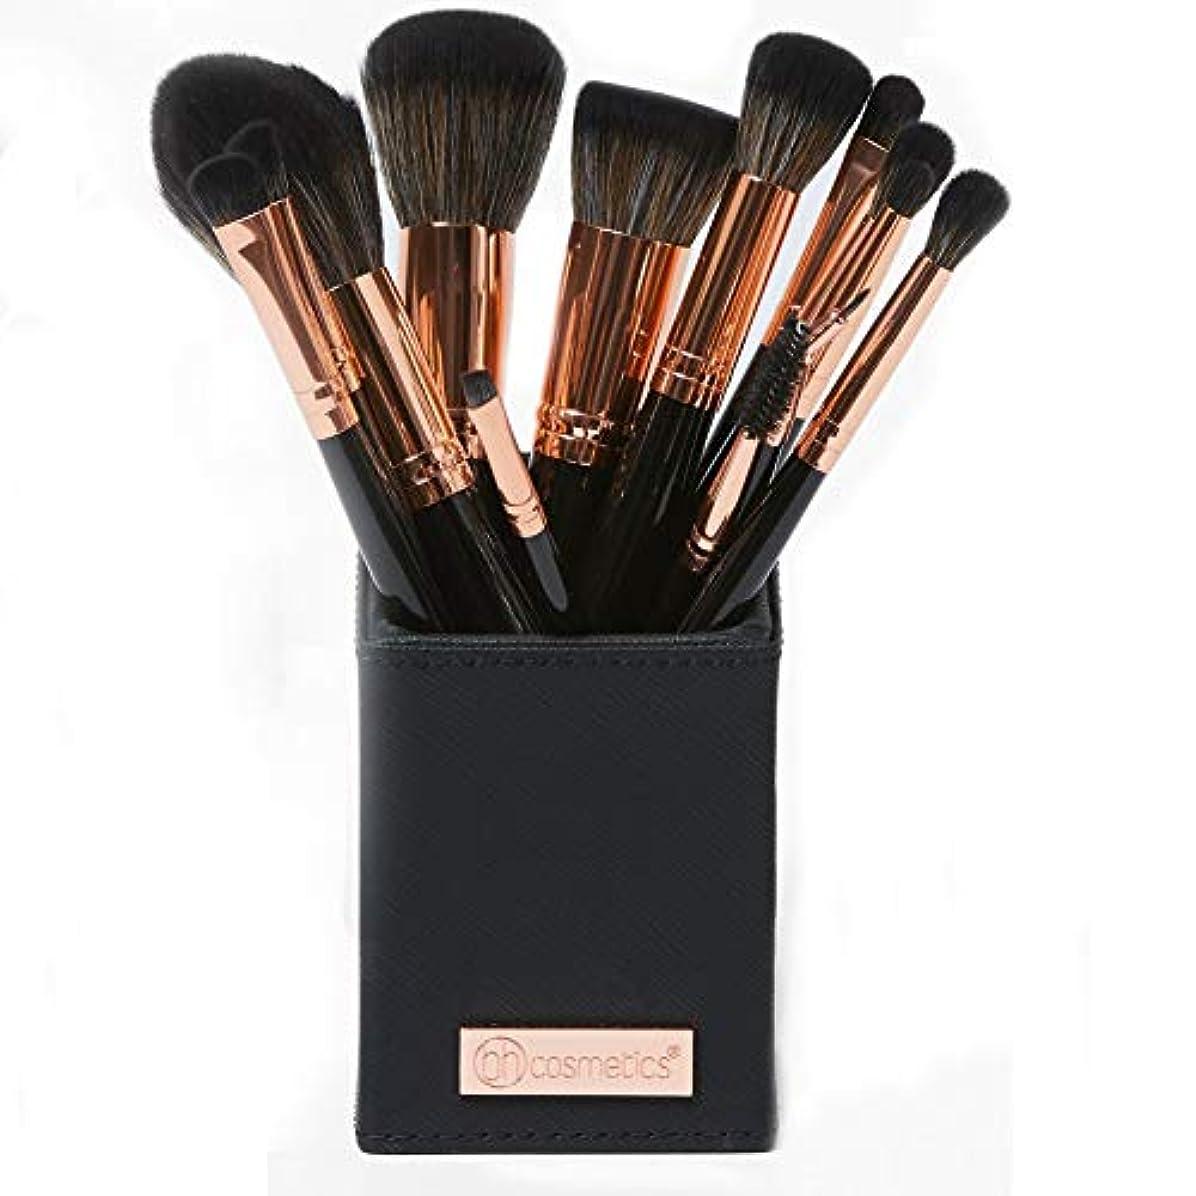 消毒する検閲以降BH cosmetics メイクブラシ アイシャドウブラシ 化粧筆 貴族のゴールド メイクブラシセット13本セット 多機能メイクブラシケース付き収納便利